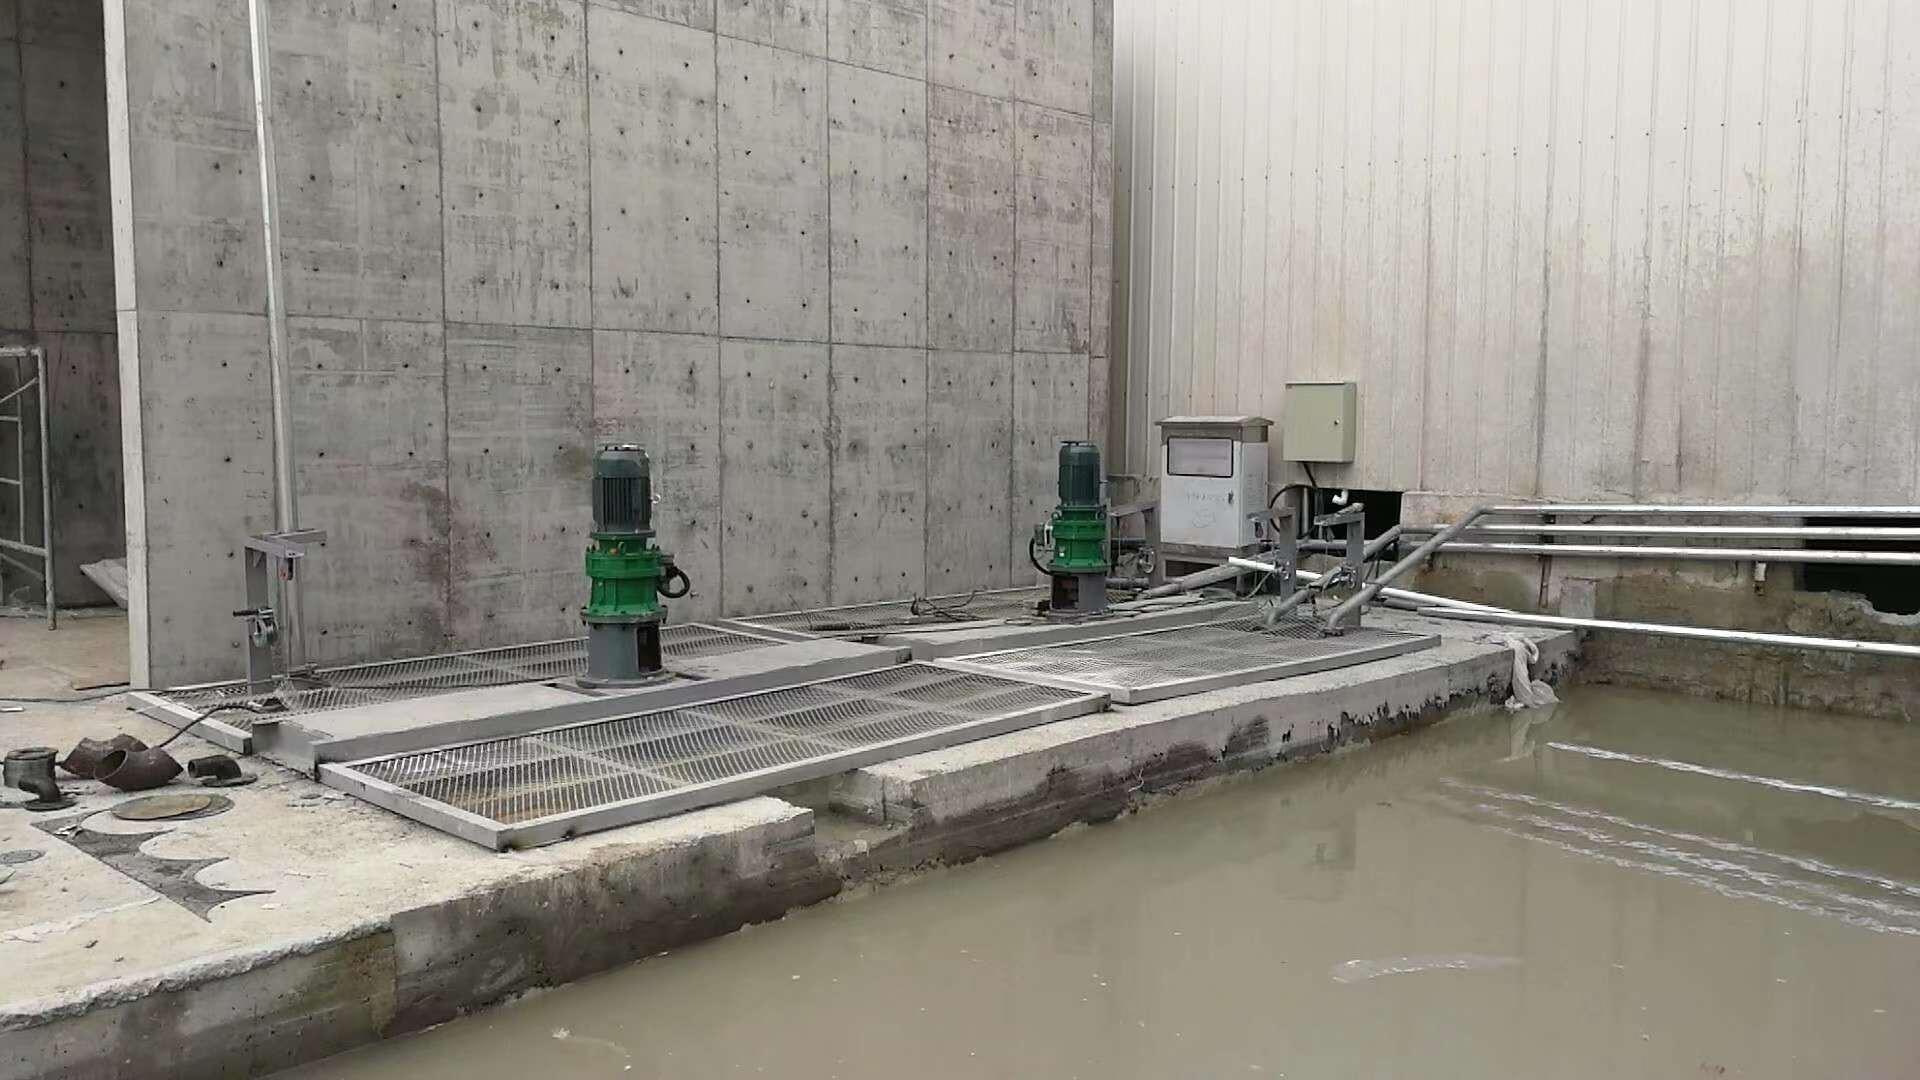 污水回收处理系统专卖店-安徽实惠的污水回收处理系统